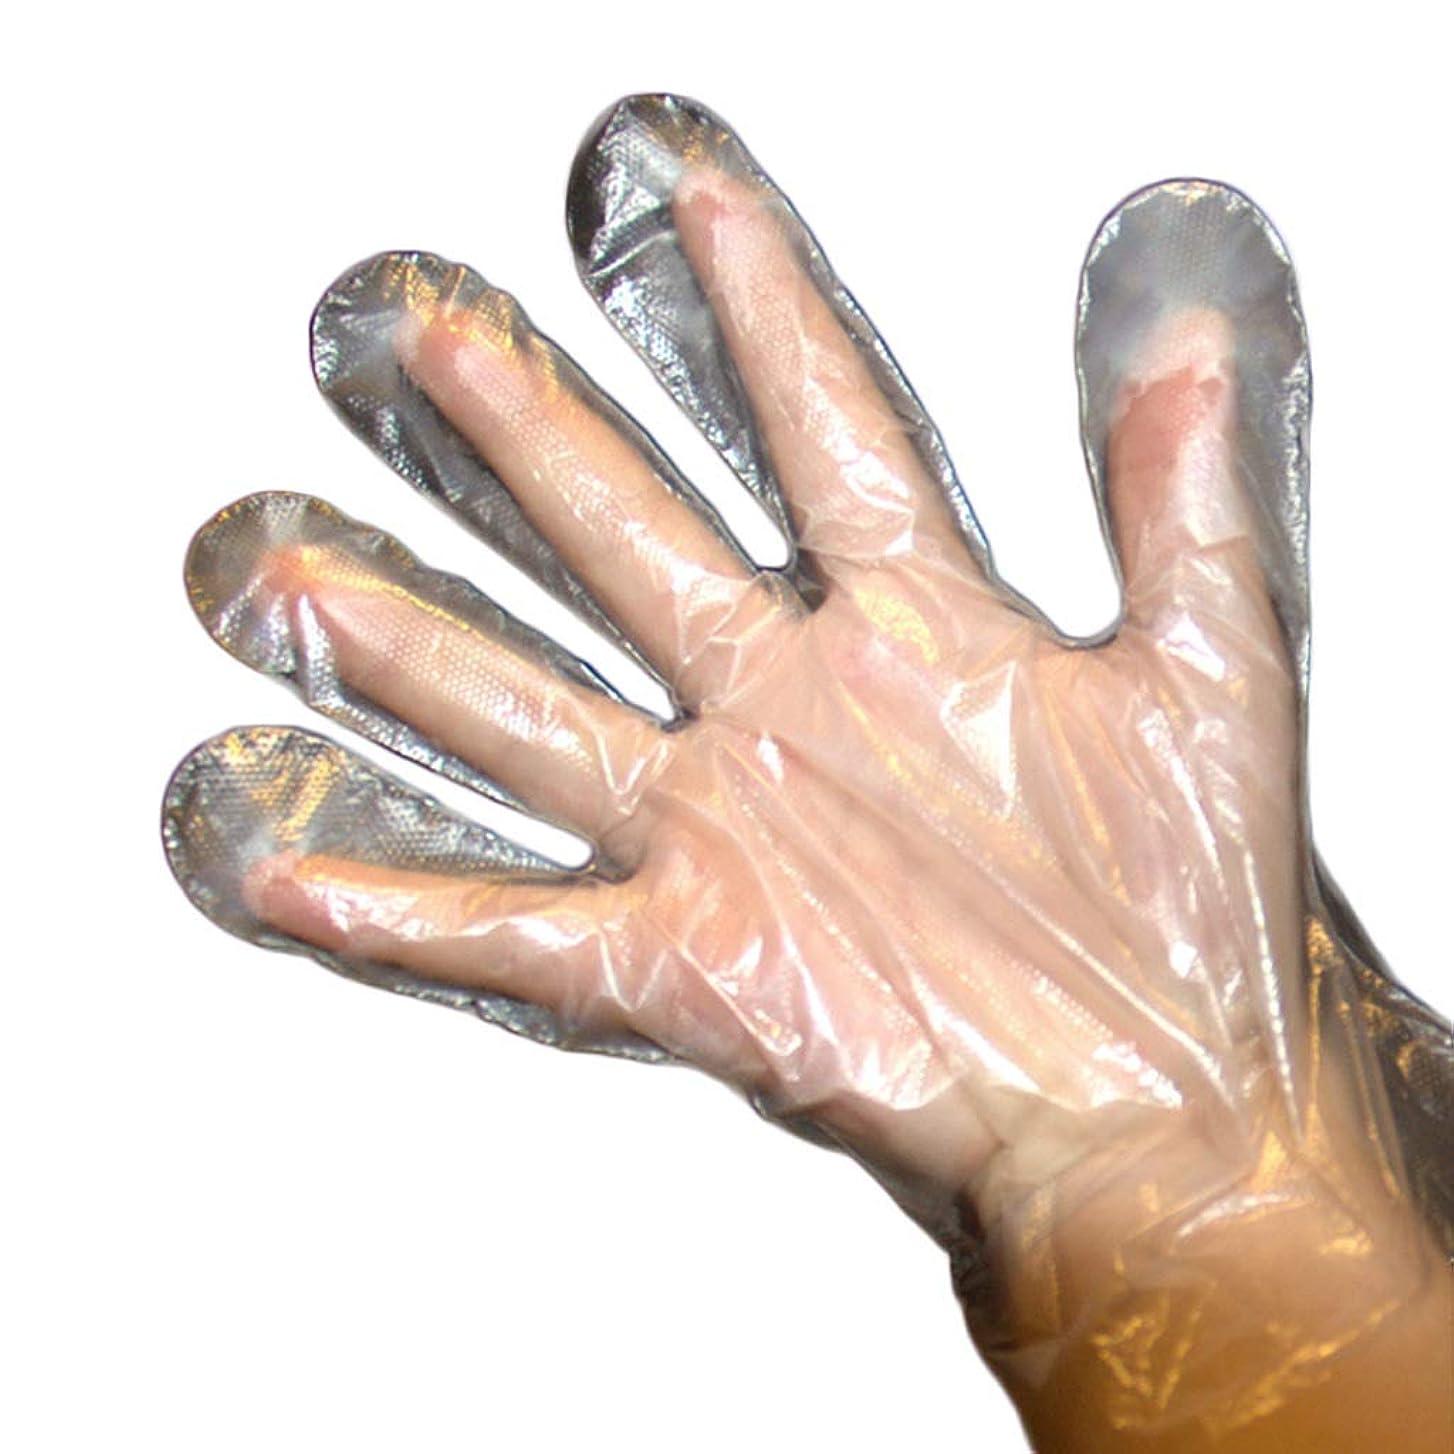 自分自身飢饉ピアノを弾くロブスターの厚い世帯の手袋、滑り止めの透明な防水耐油性の汚れ防止の滴りを食べる使い捨て可能なPe手袋 YANW